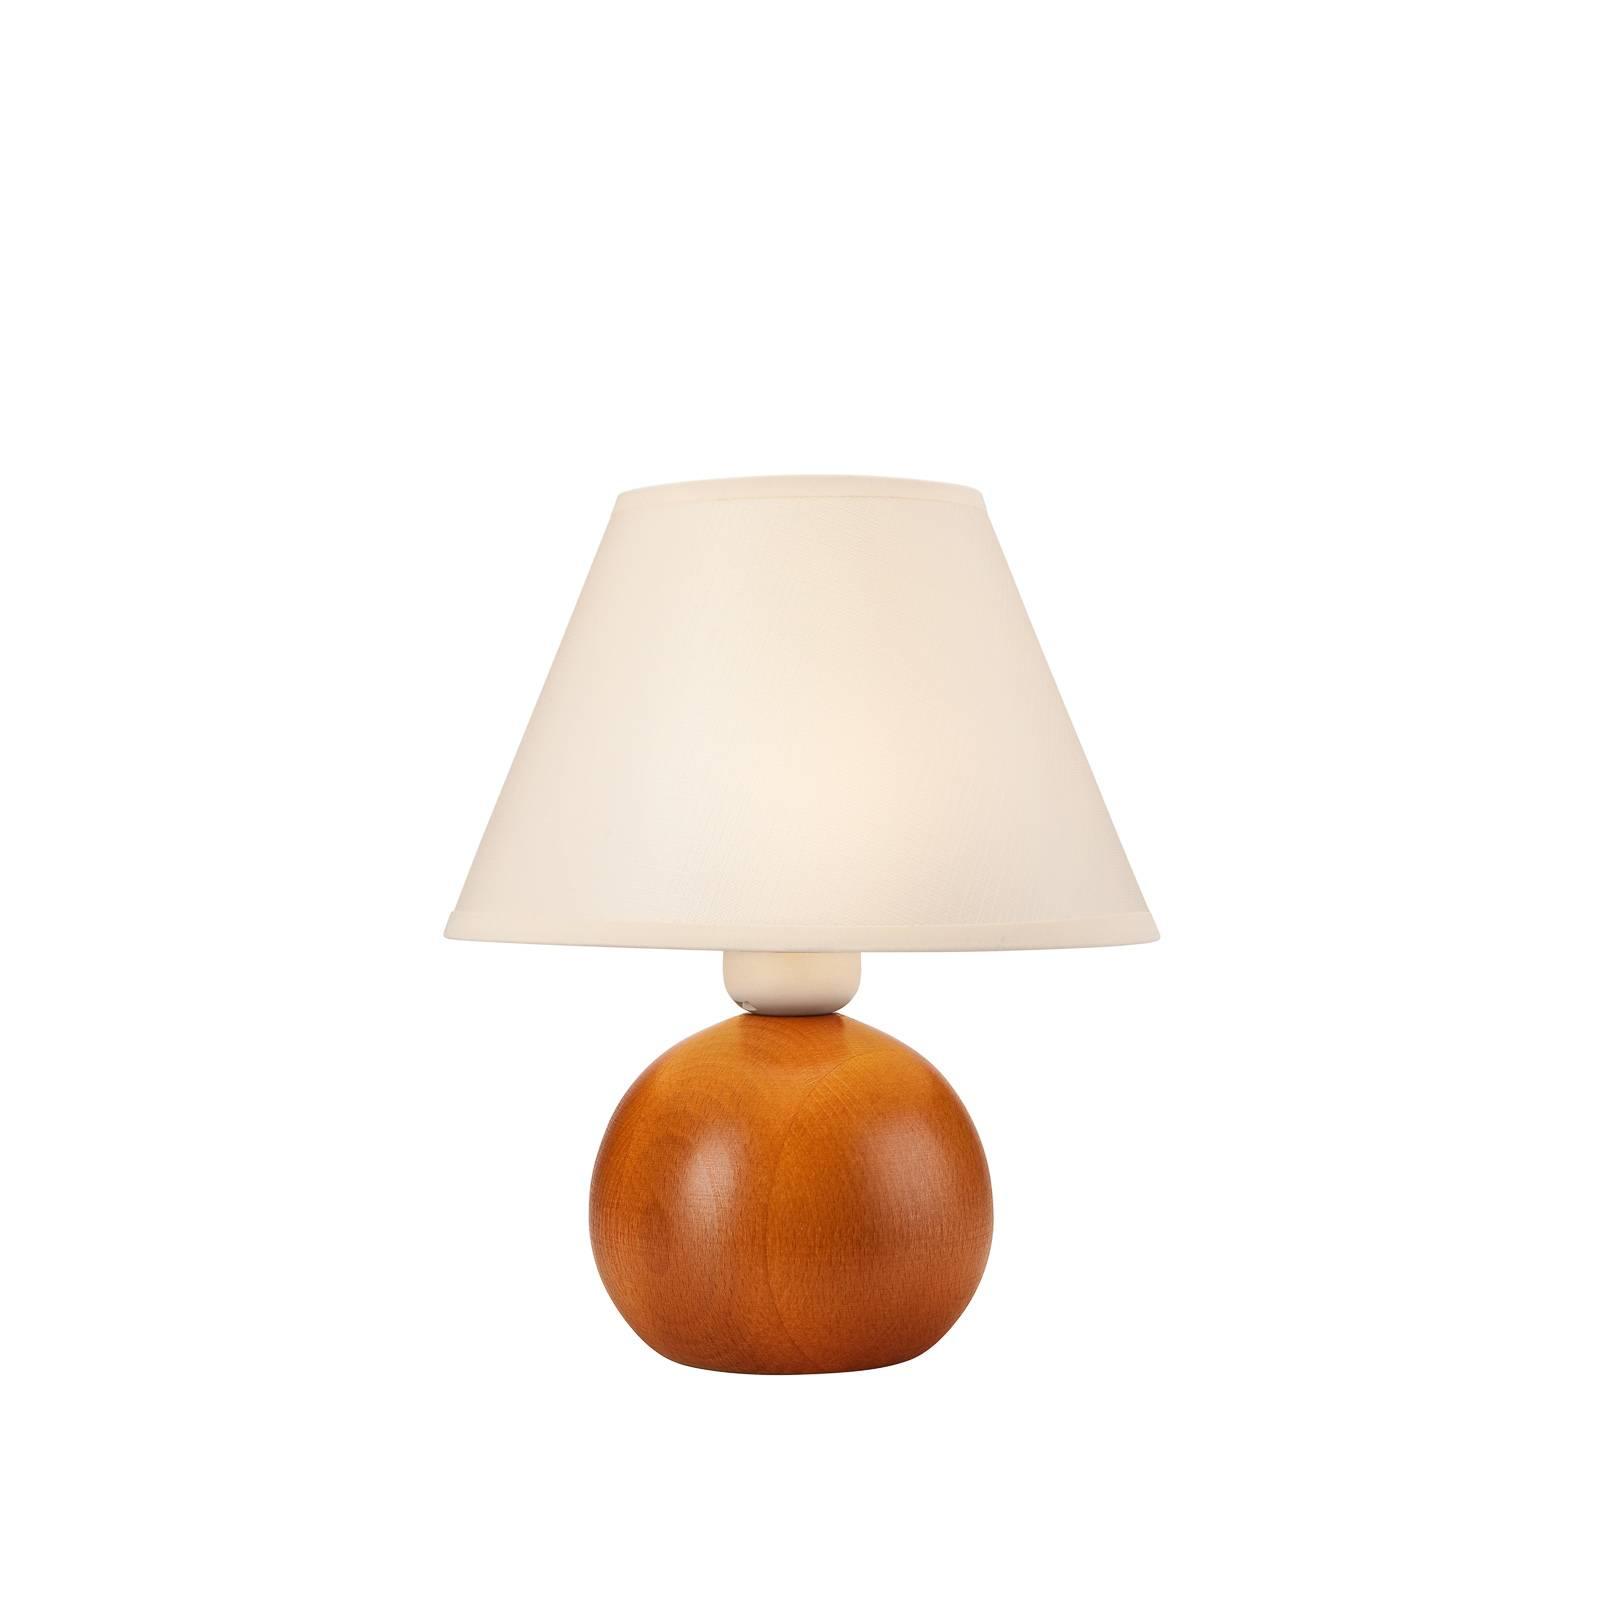 Lampada tavolo Gill, legno rustico/paralume bianco